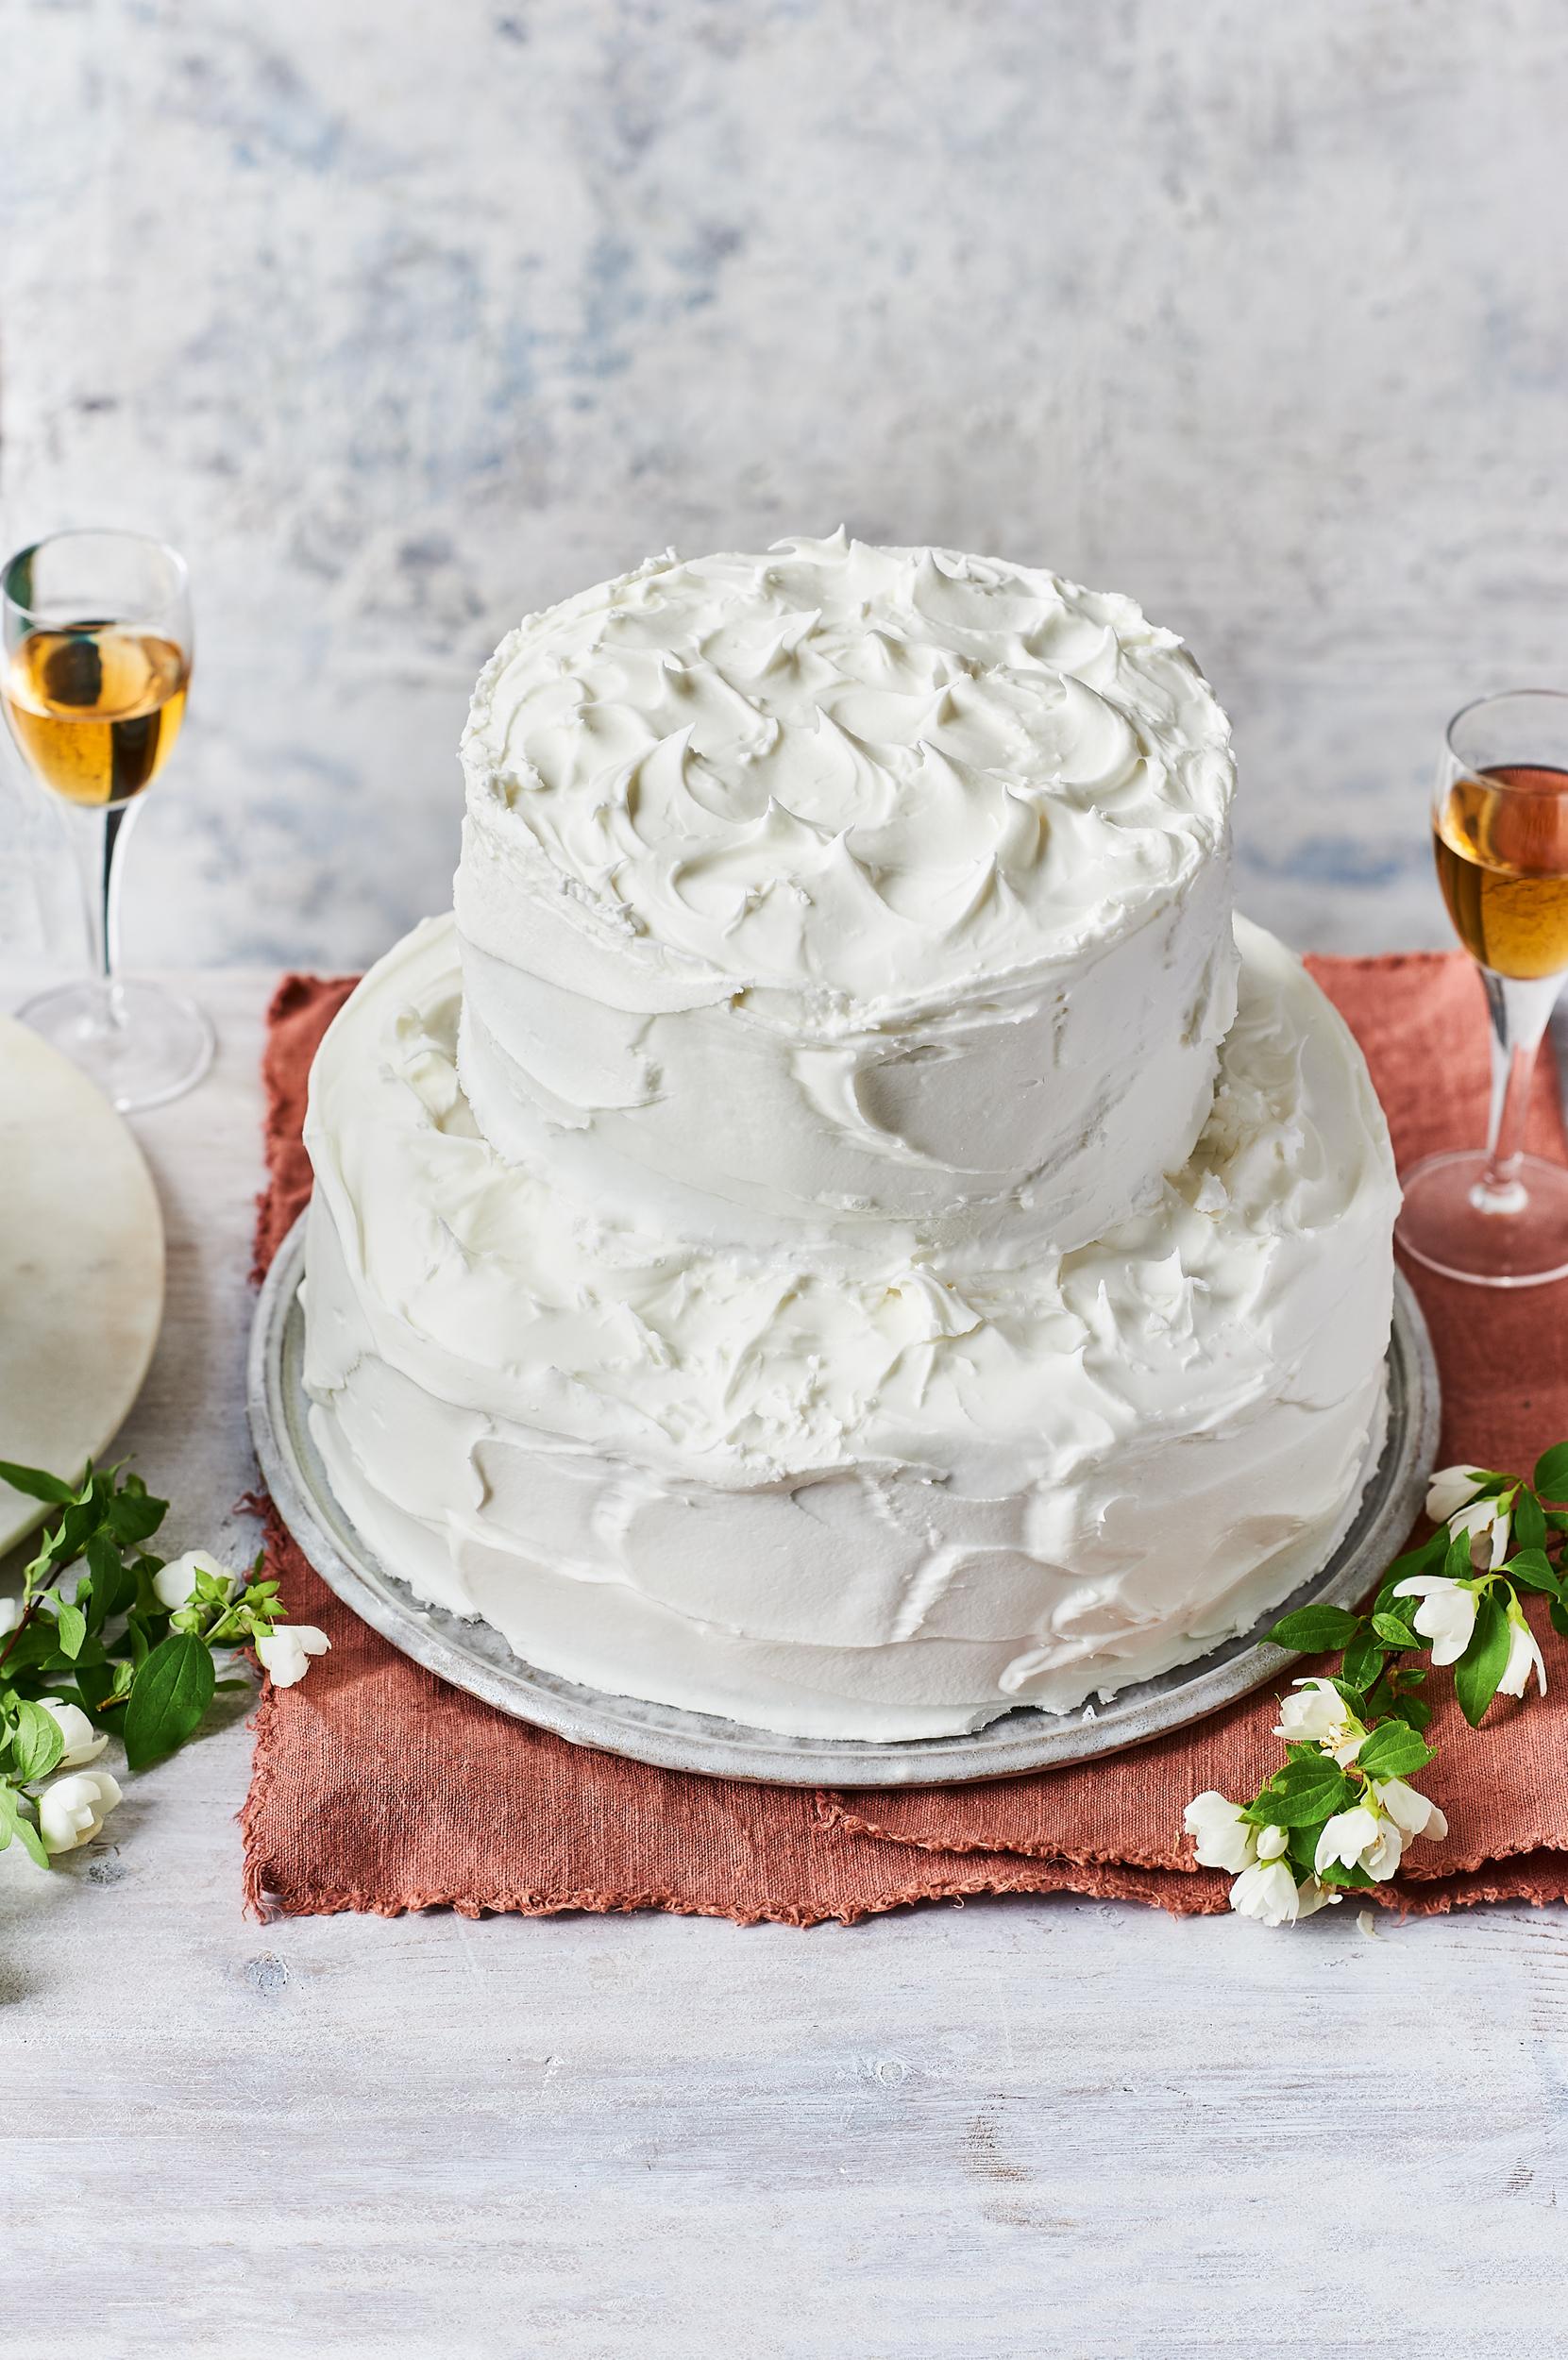 Steph's Christmas Cake (Faith Mason/PA)